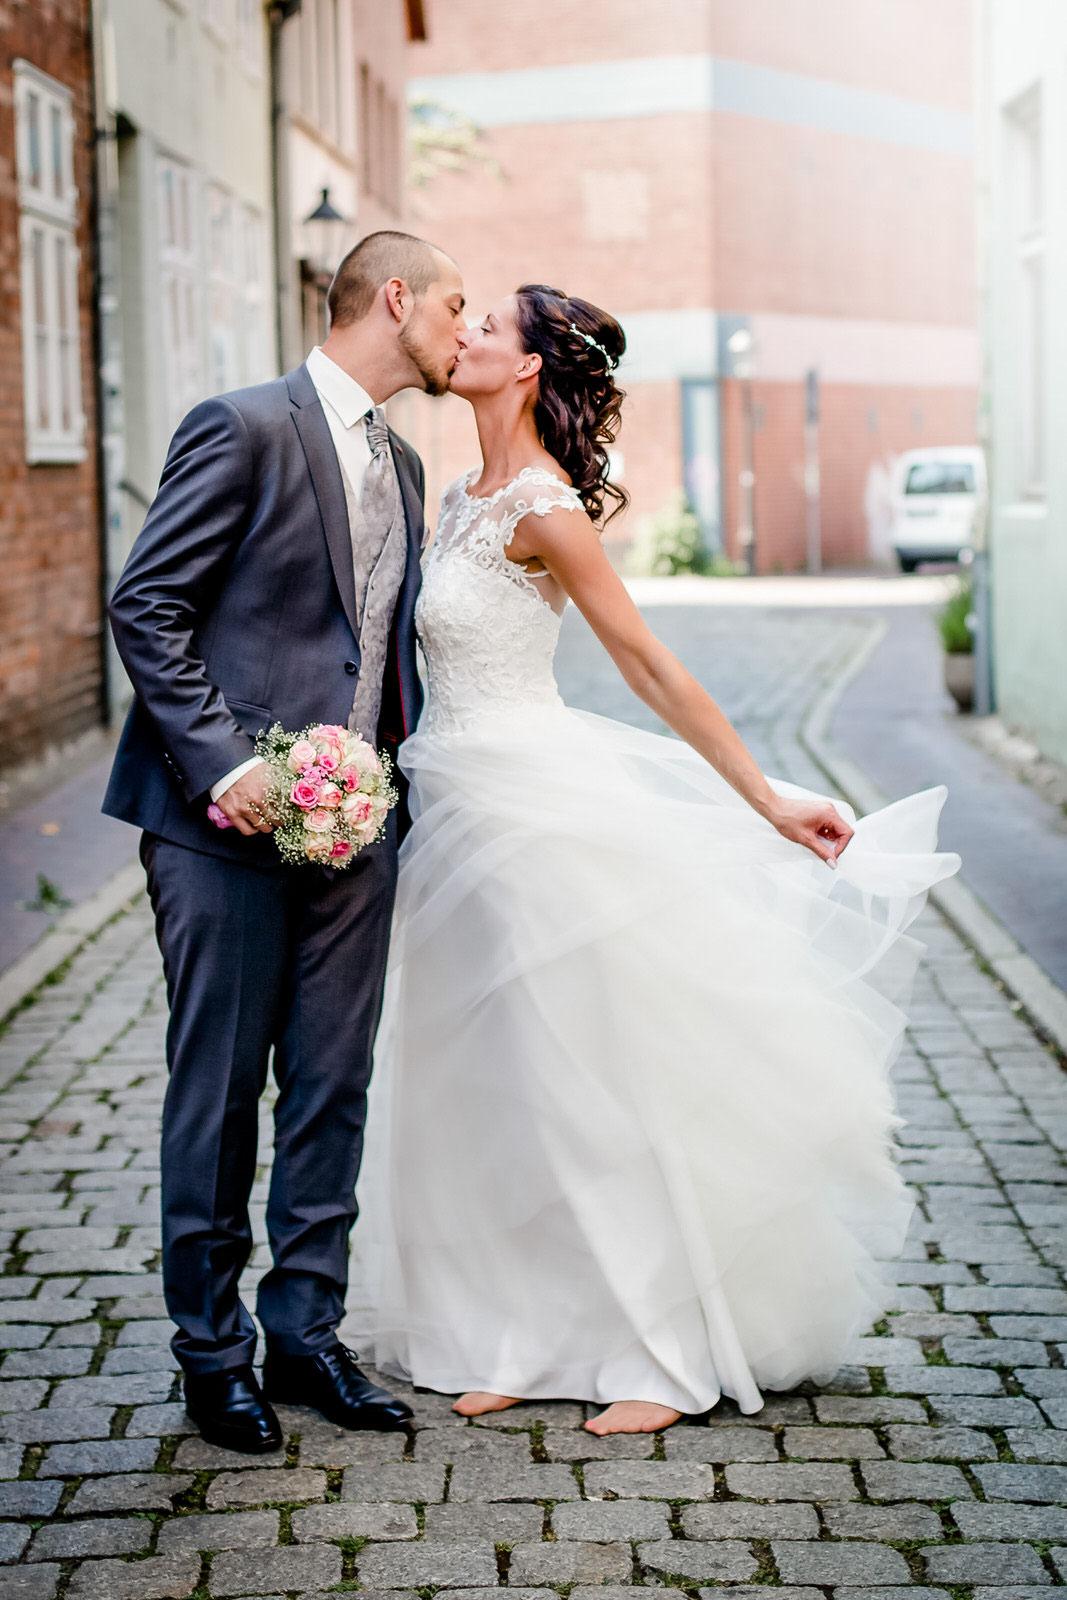 Hochzeit von Tanja & Gerrit in Lüneburg Hochzeitsfotografie  Hochzeitsreportage Hochzeitsfotos Hochzeitsbilder FOTOFECHNER Hochzeitsfotograf Lüneburg